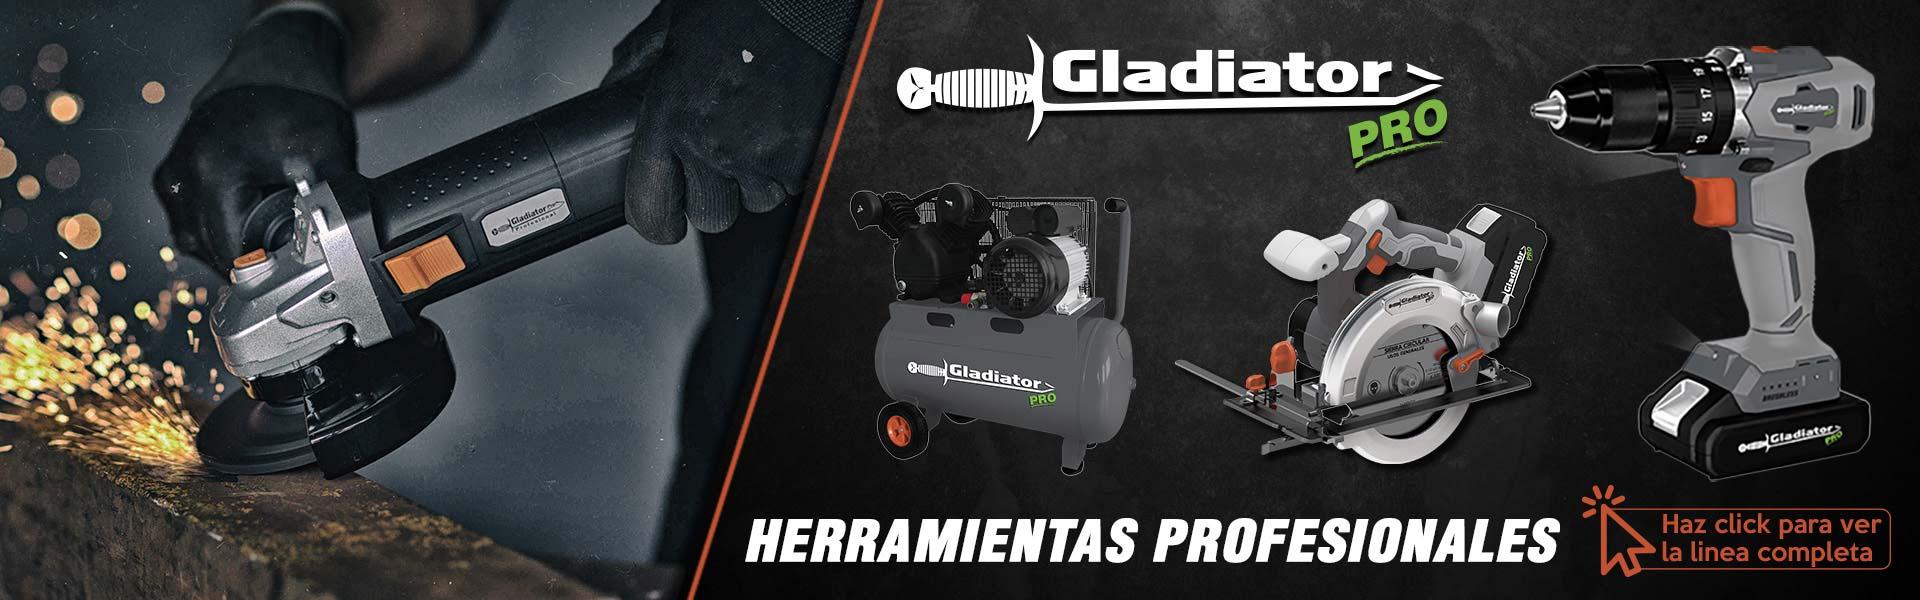 herramientas Gladiator Pro